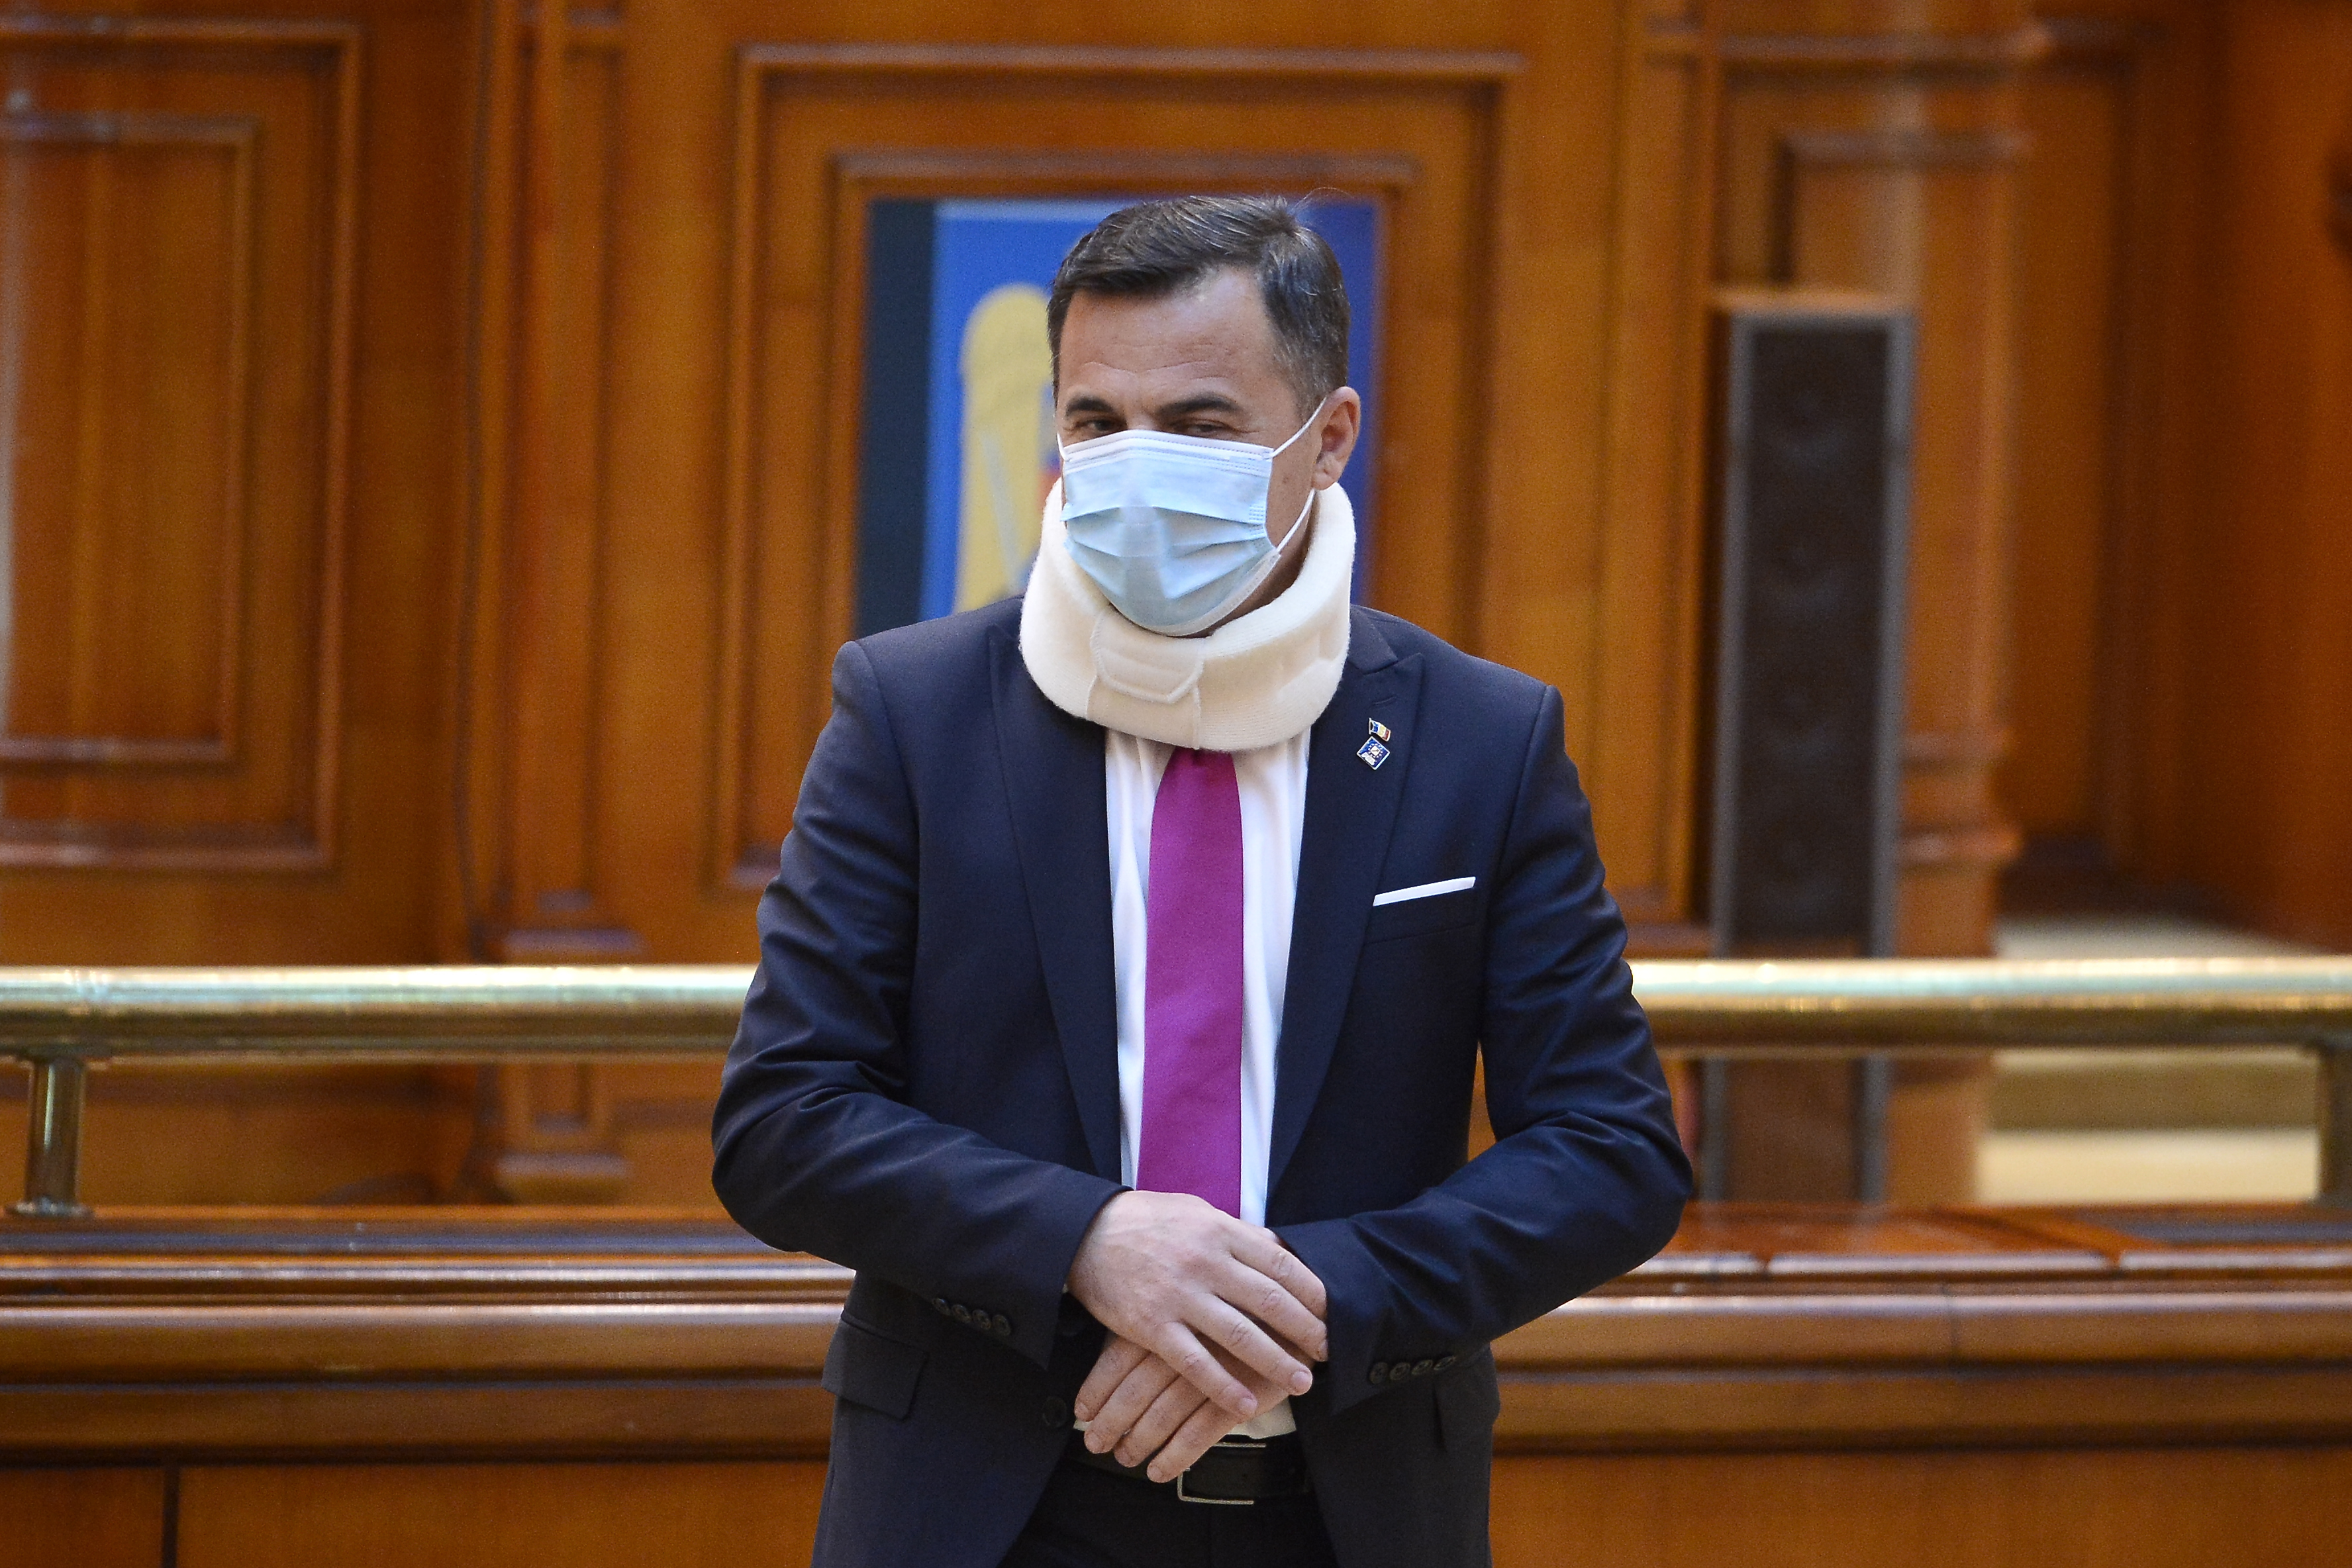 Trei deputaţi PSD le cer preşedintelui Iohannis şi premierului să-l retragă pe Ion Ştefan